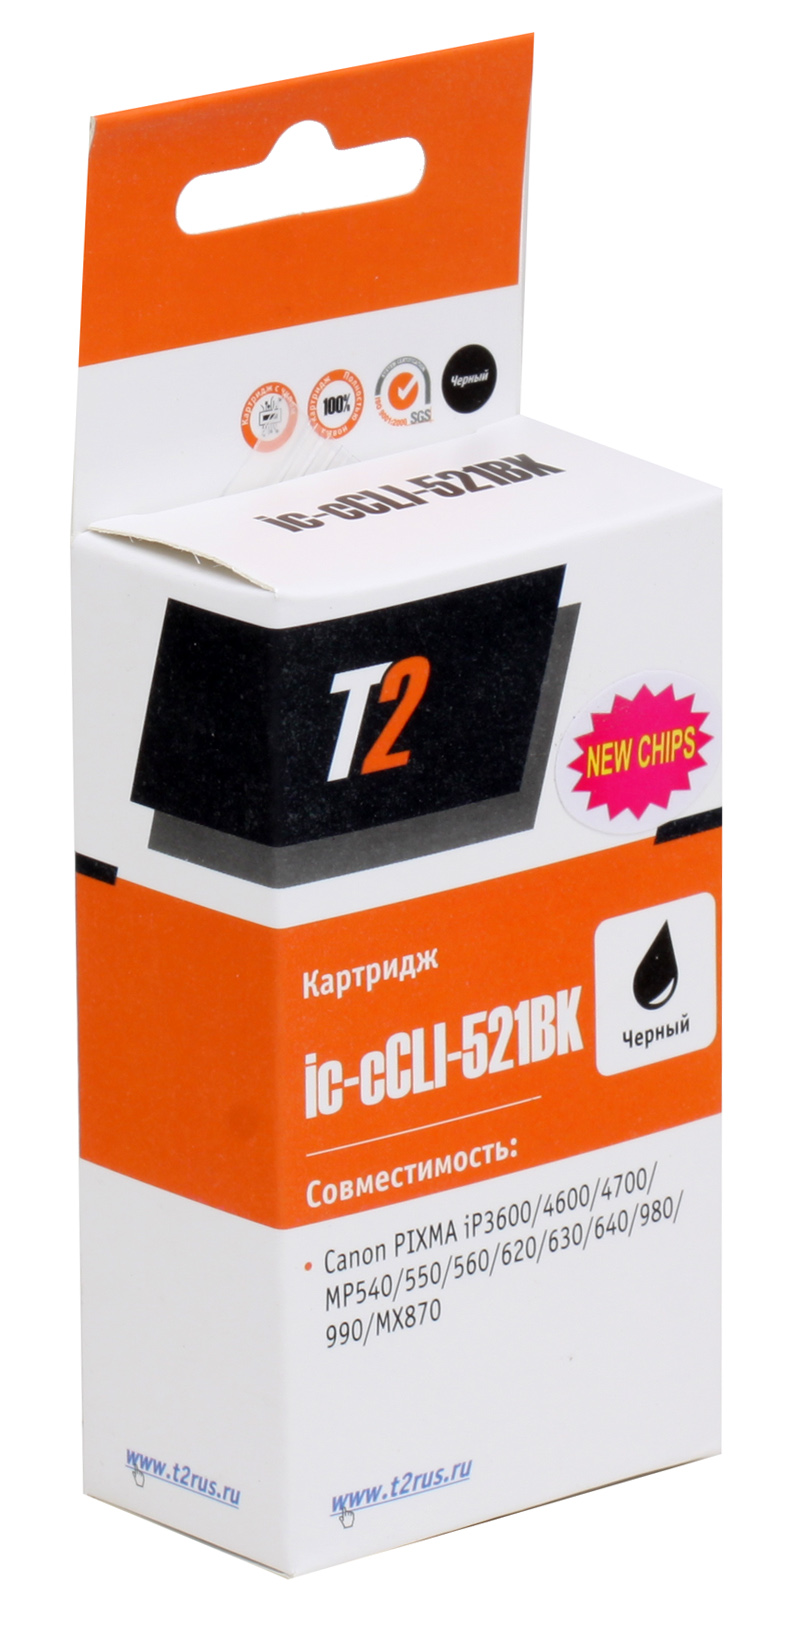 Картридж T2 IC-CCLI-521BK Black (с чипом) цены онлайн